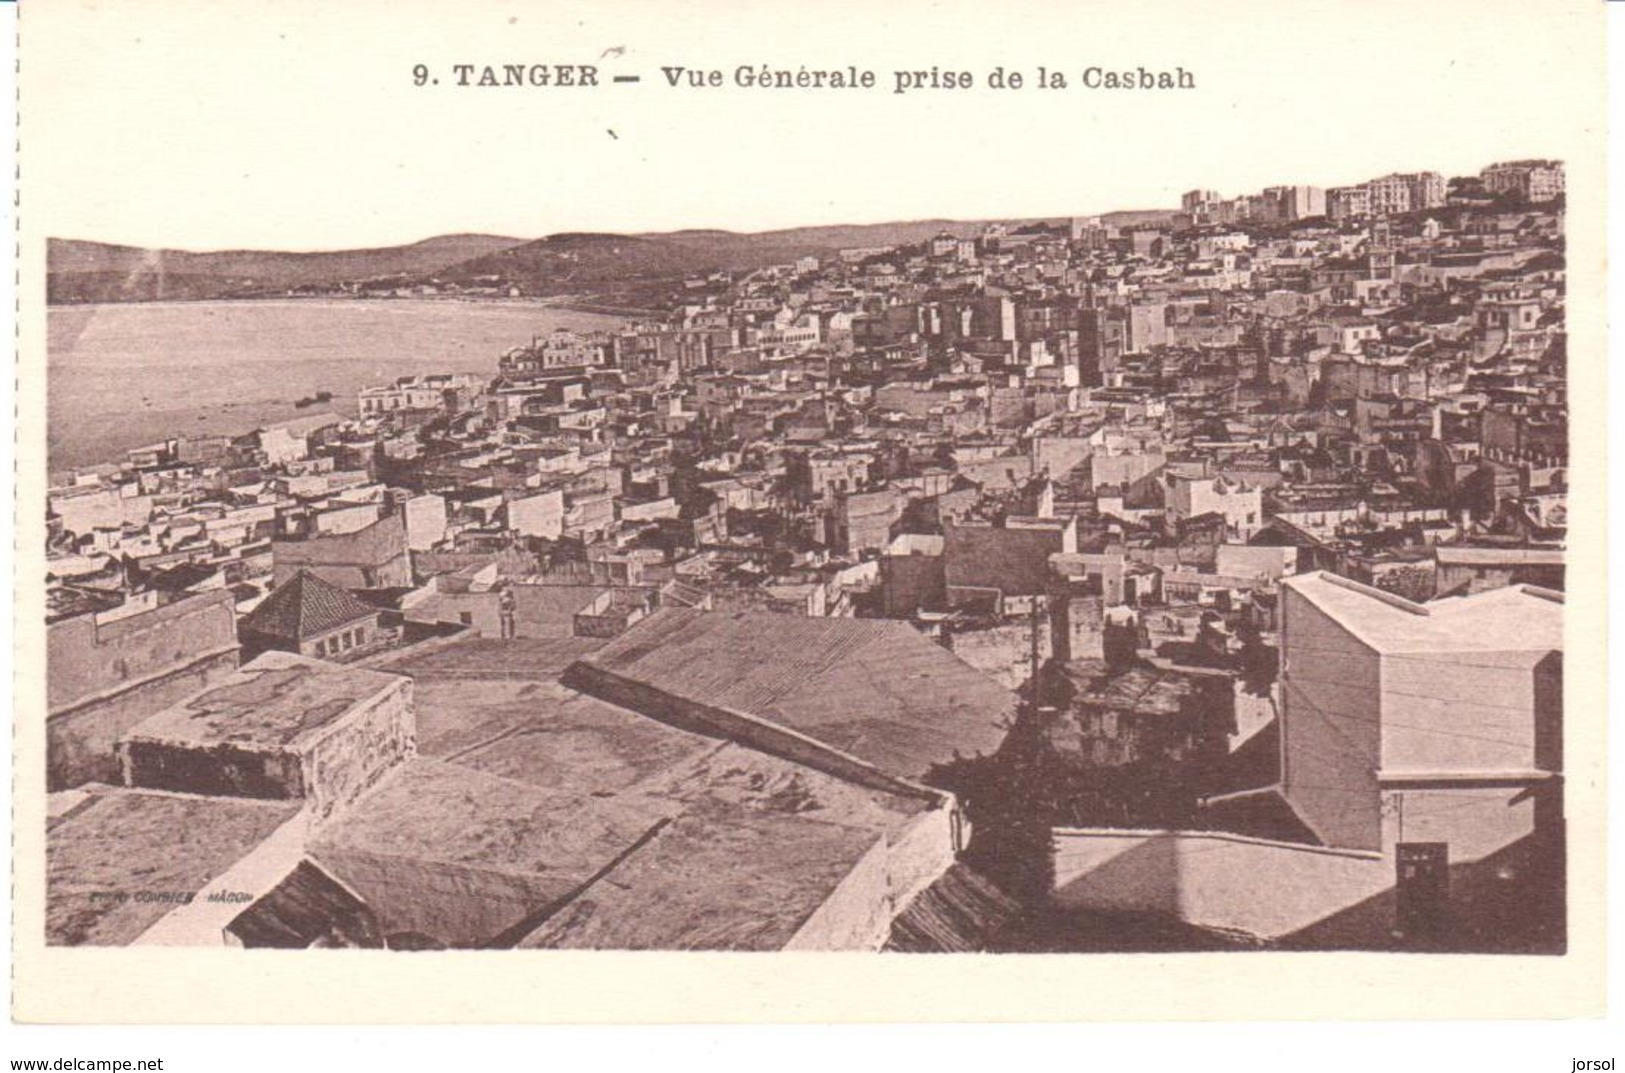 POSTAL   TANGER  -MARRUECOS  - VUE GÉNÉRALE PRISA DE LA CASBAH - Tanger